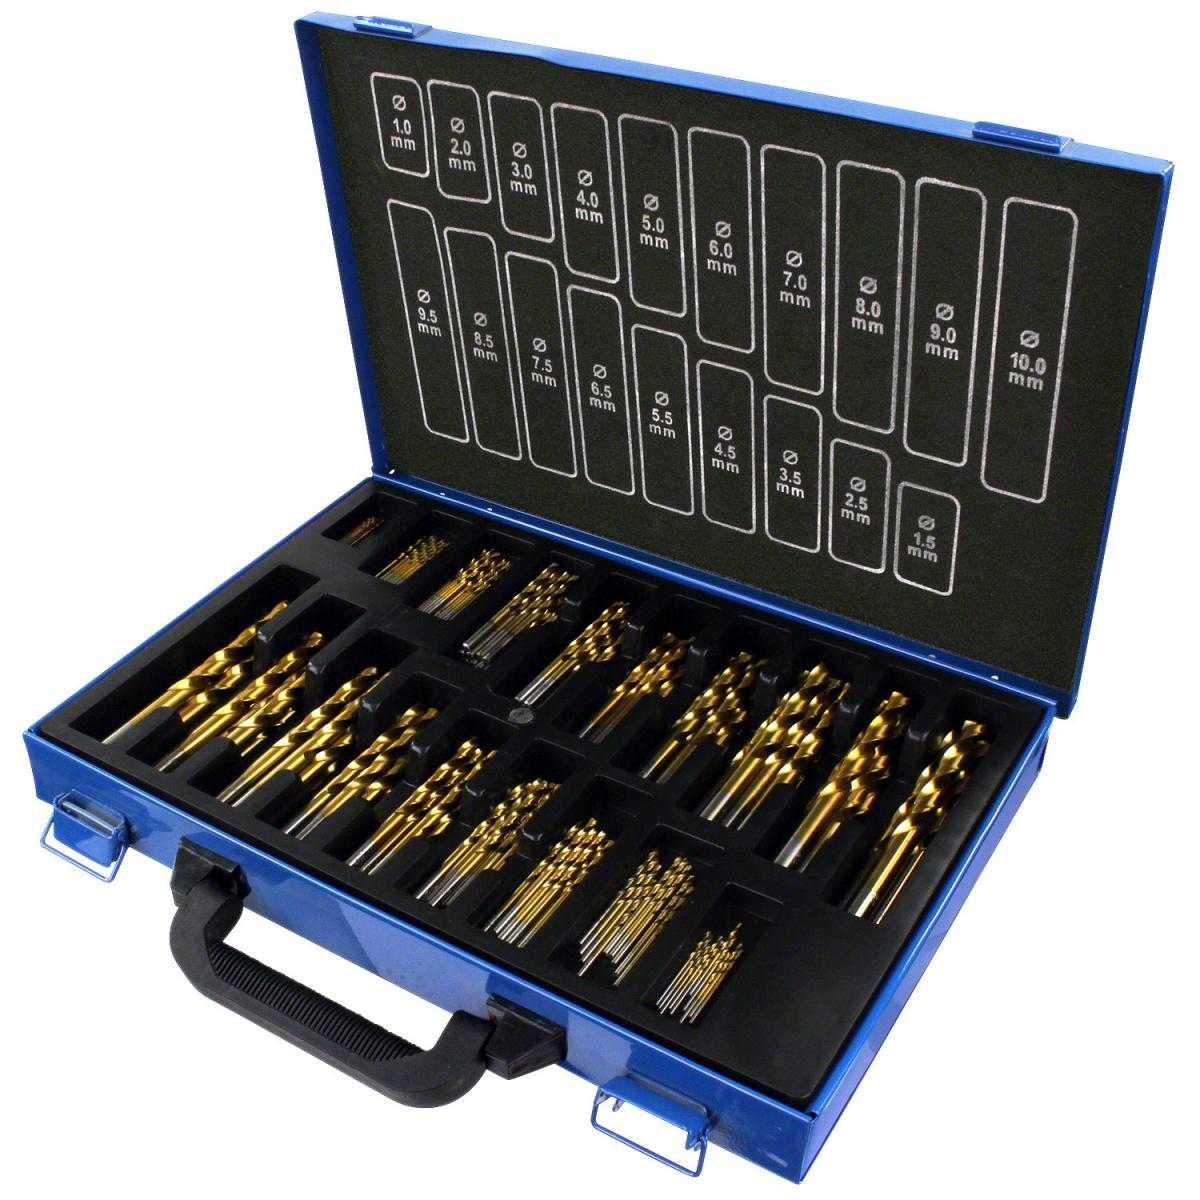 170 tlg spiralbohrer sortiment hss tin bohrer in metallkassette 1 10 mm 05503 sort4. Black Bedroom Furniture Sets. Home Design Ideas